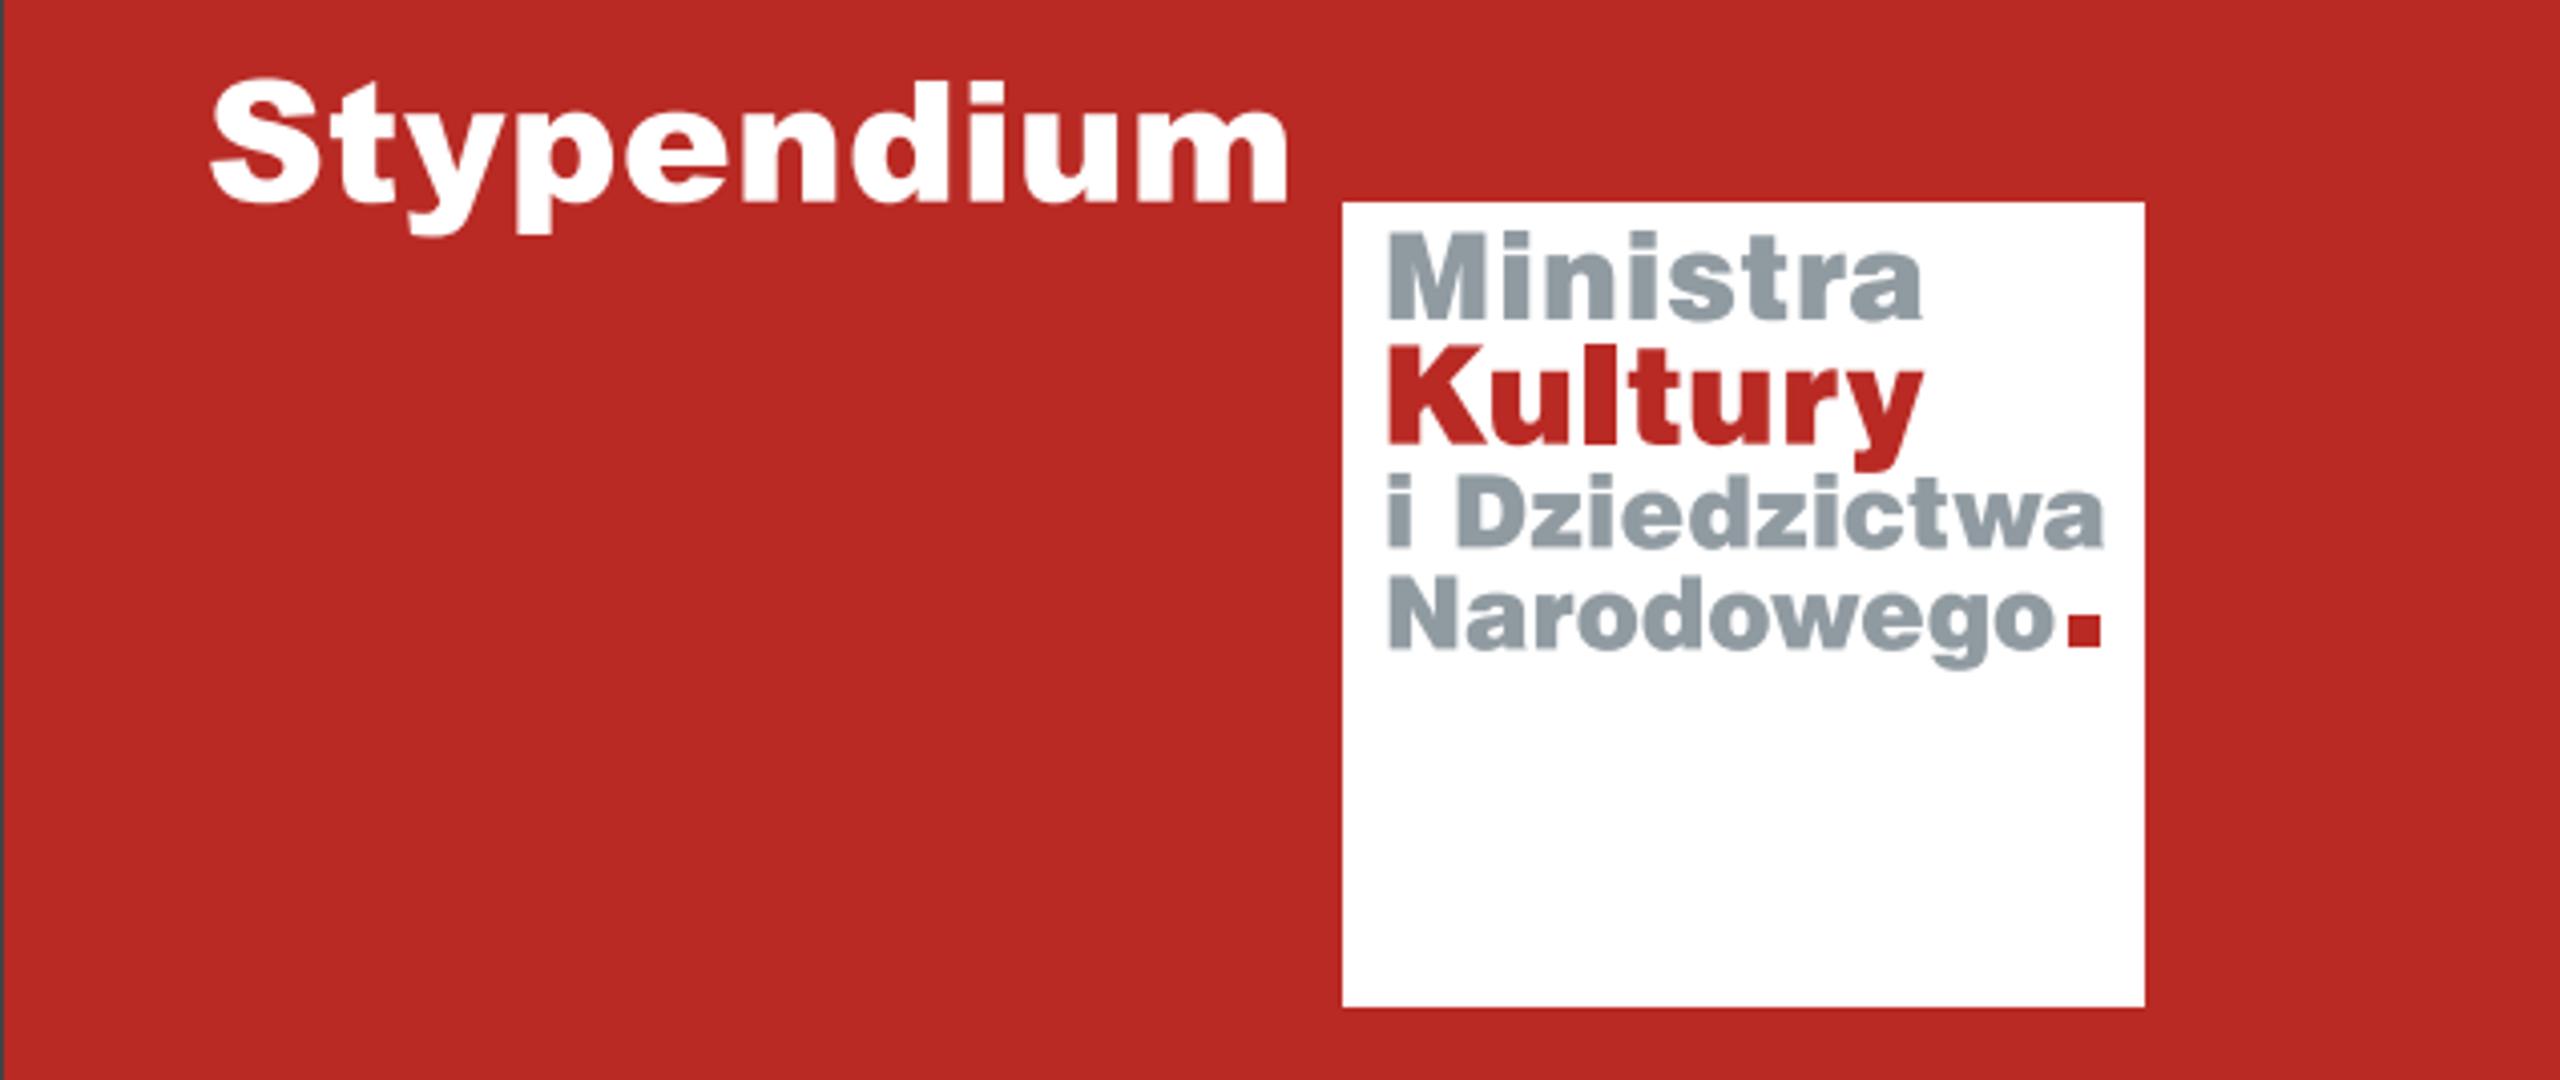 Konkurs o stypendia twórcze oraz stypendia z zakresu upowszechniania kultury na 2020 r.